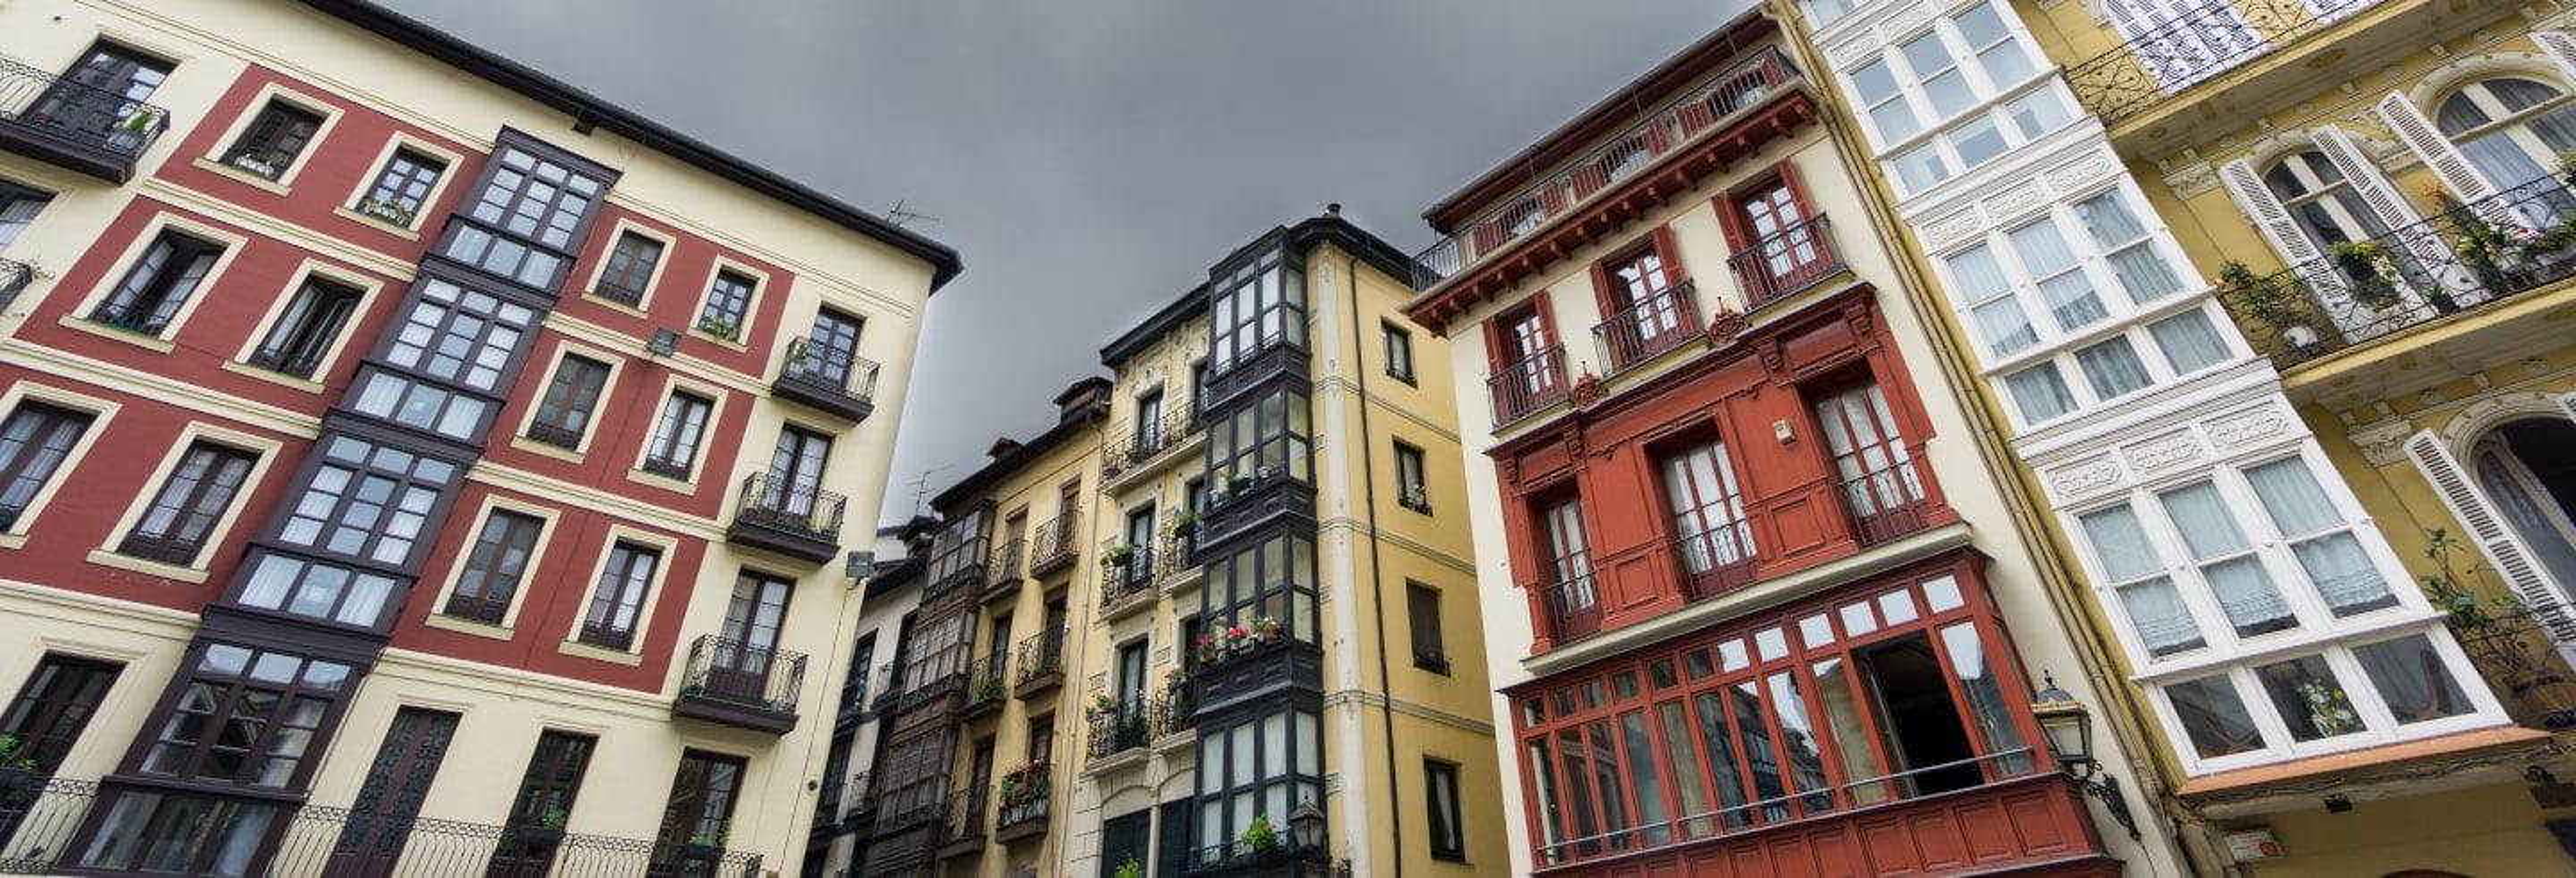 Visita guiada por el casco histórico de Bilbao y la catedral de Santiago